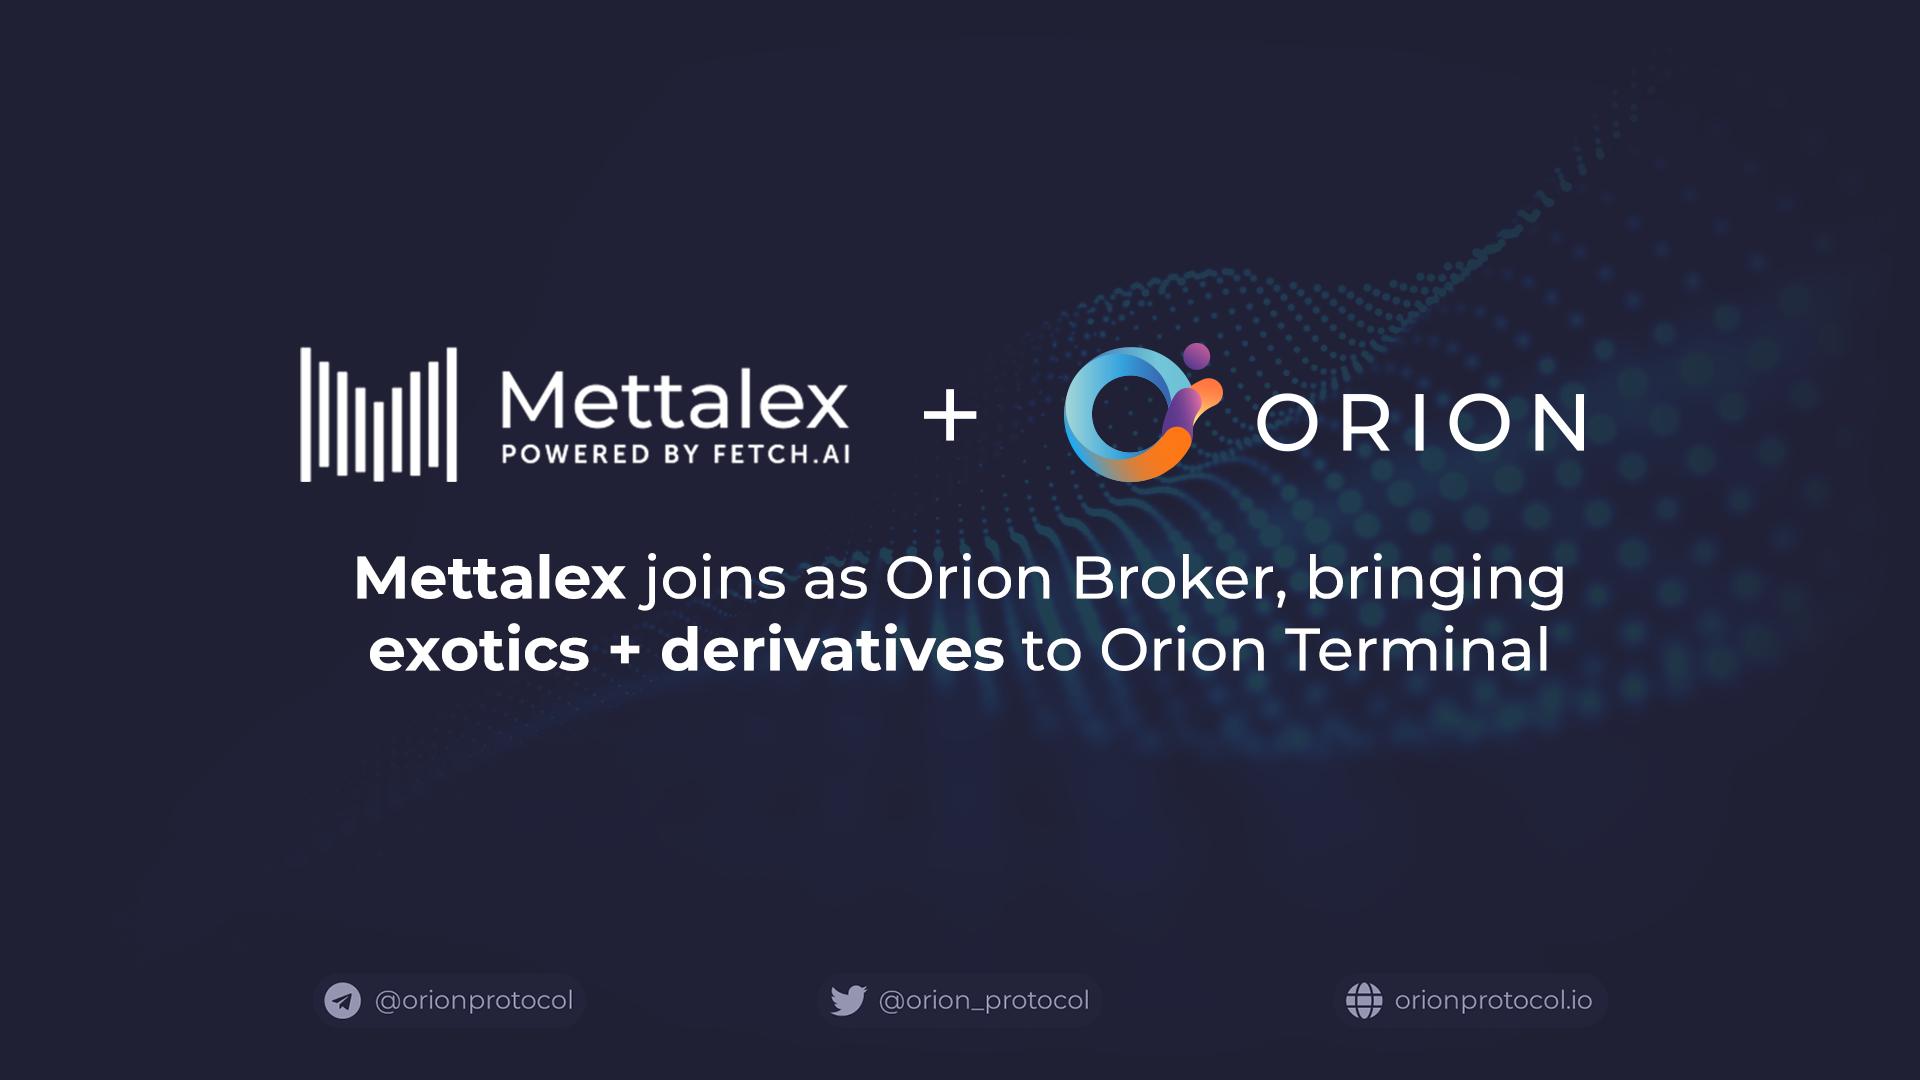 Mettalex joins as a Broker